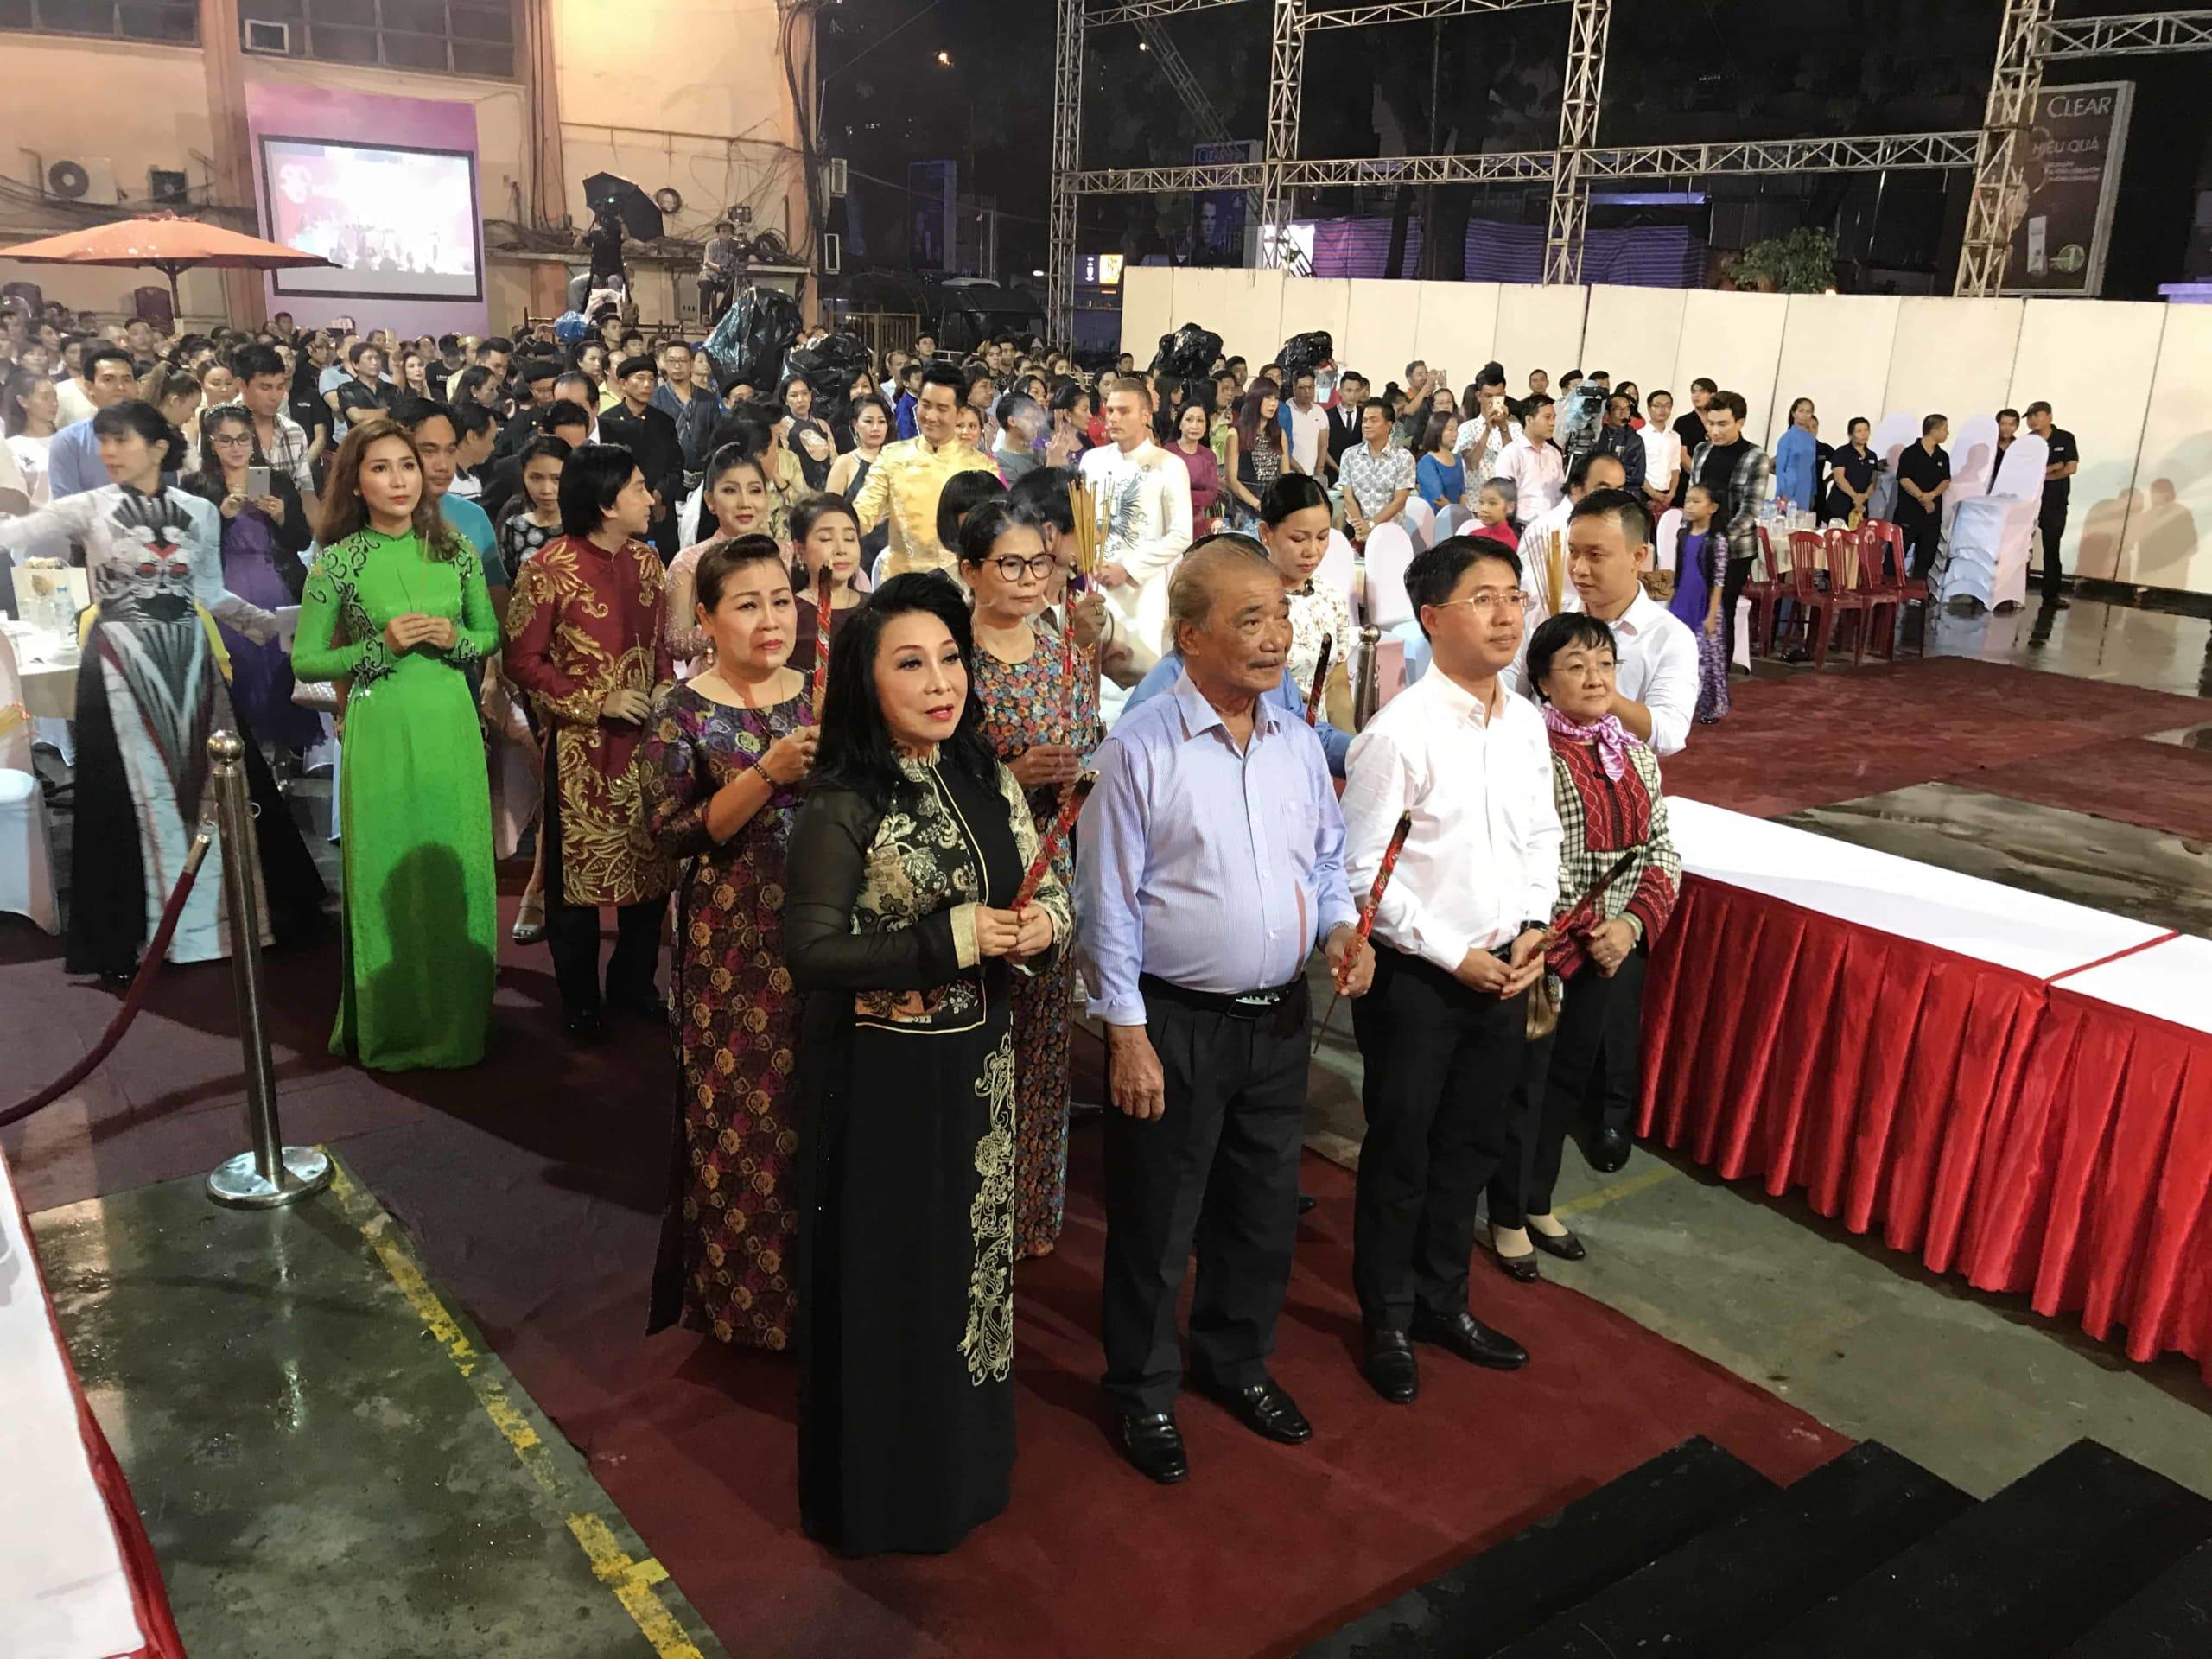 Nhà thờ Tổ của danh hài Hoài Linh tràn ngập khách thập phương - Ảnh 3.